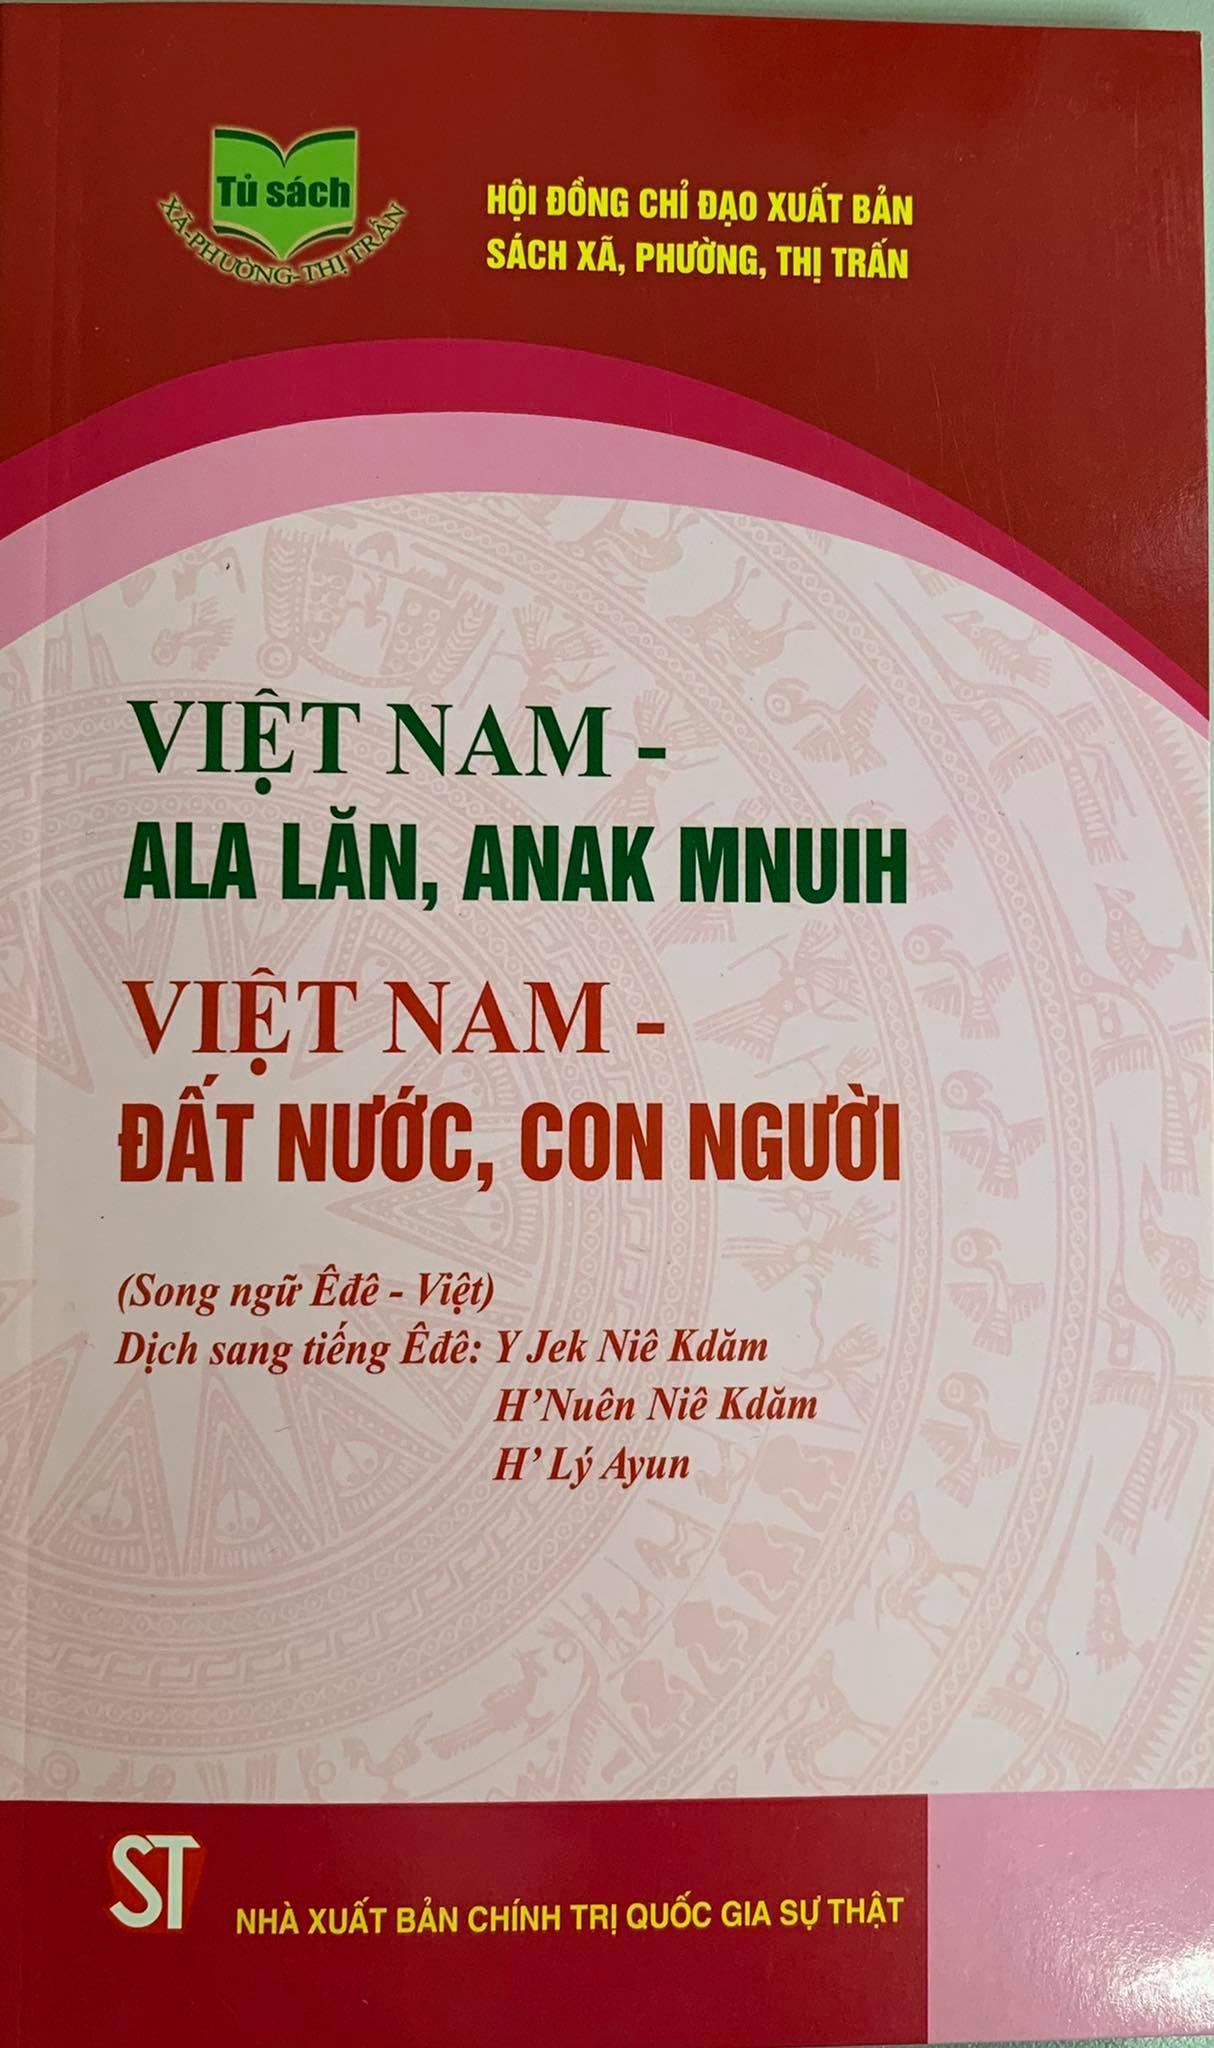 Việt Nam - đất nước, con người (Song ngữ Êđê - Việt)